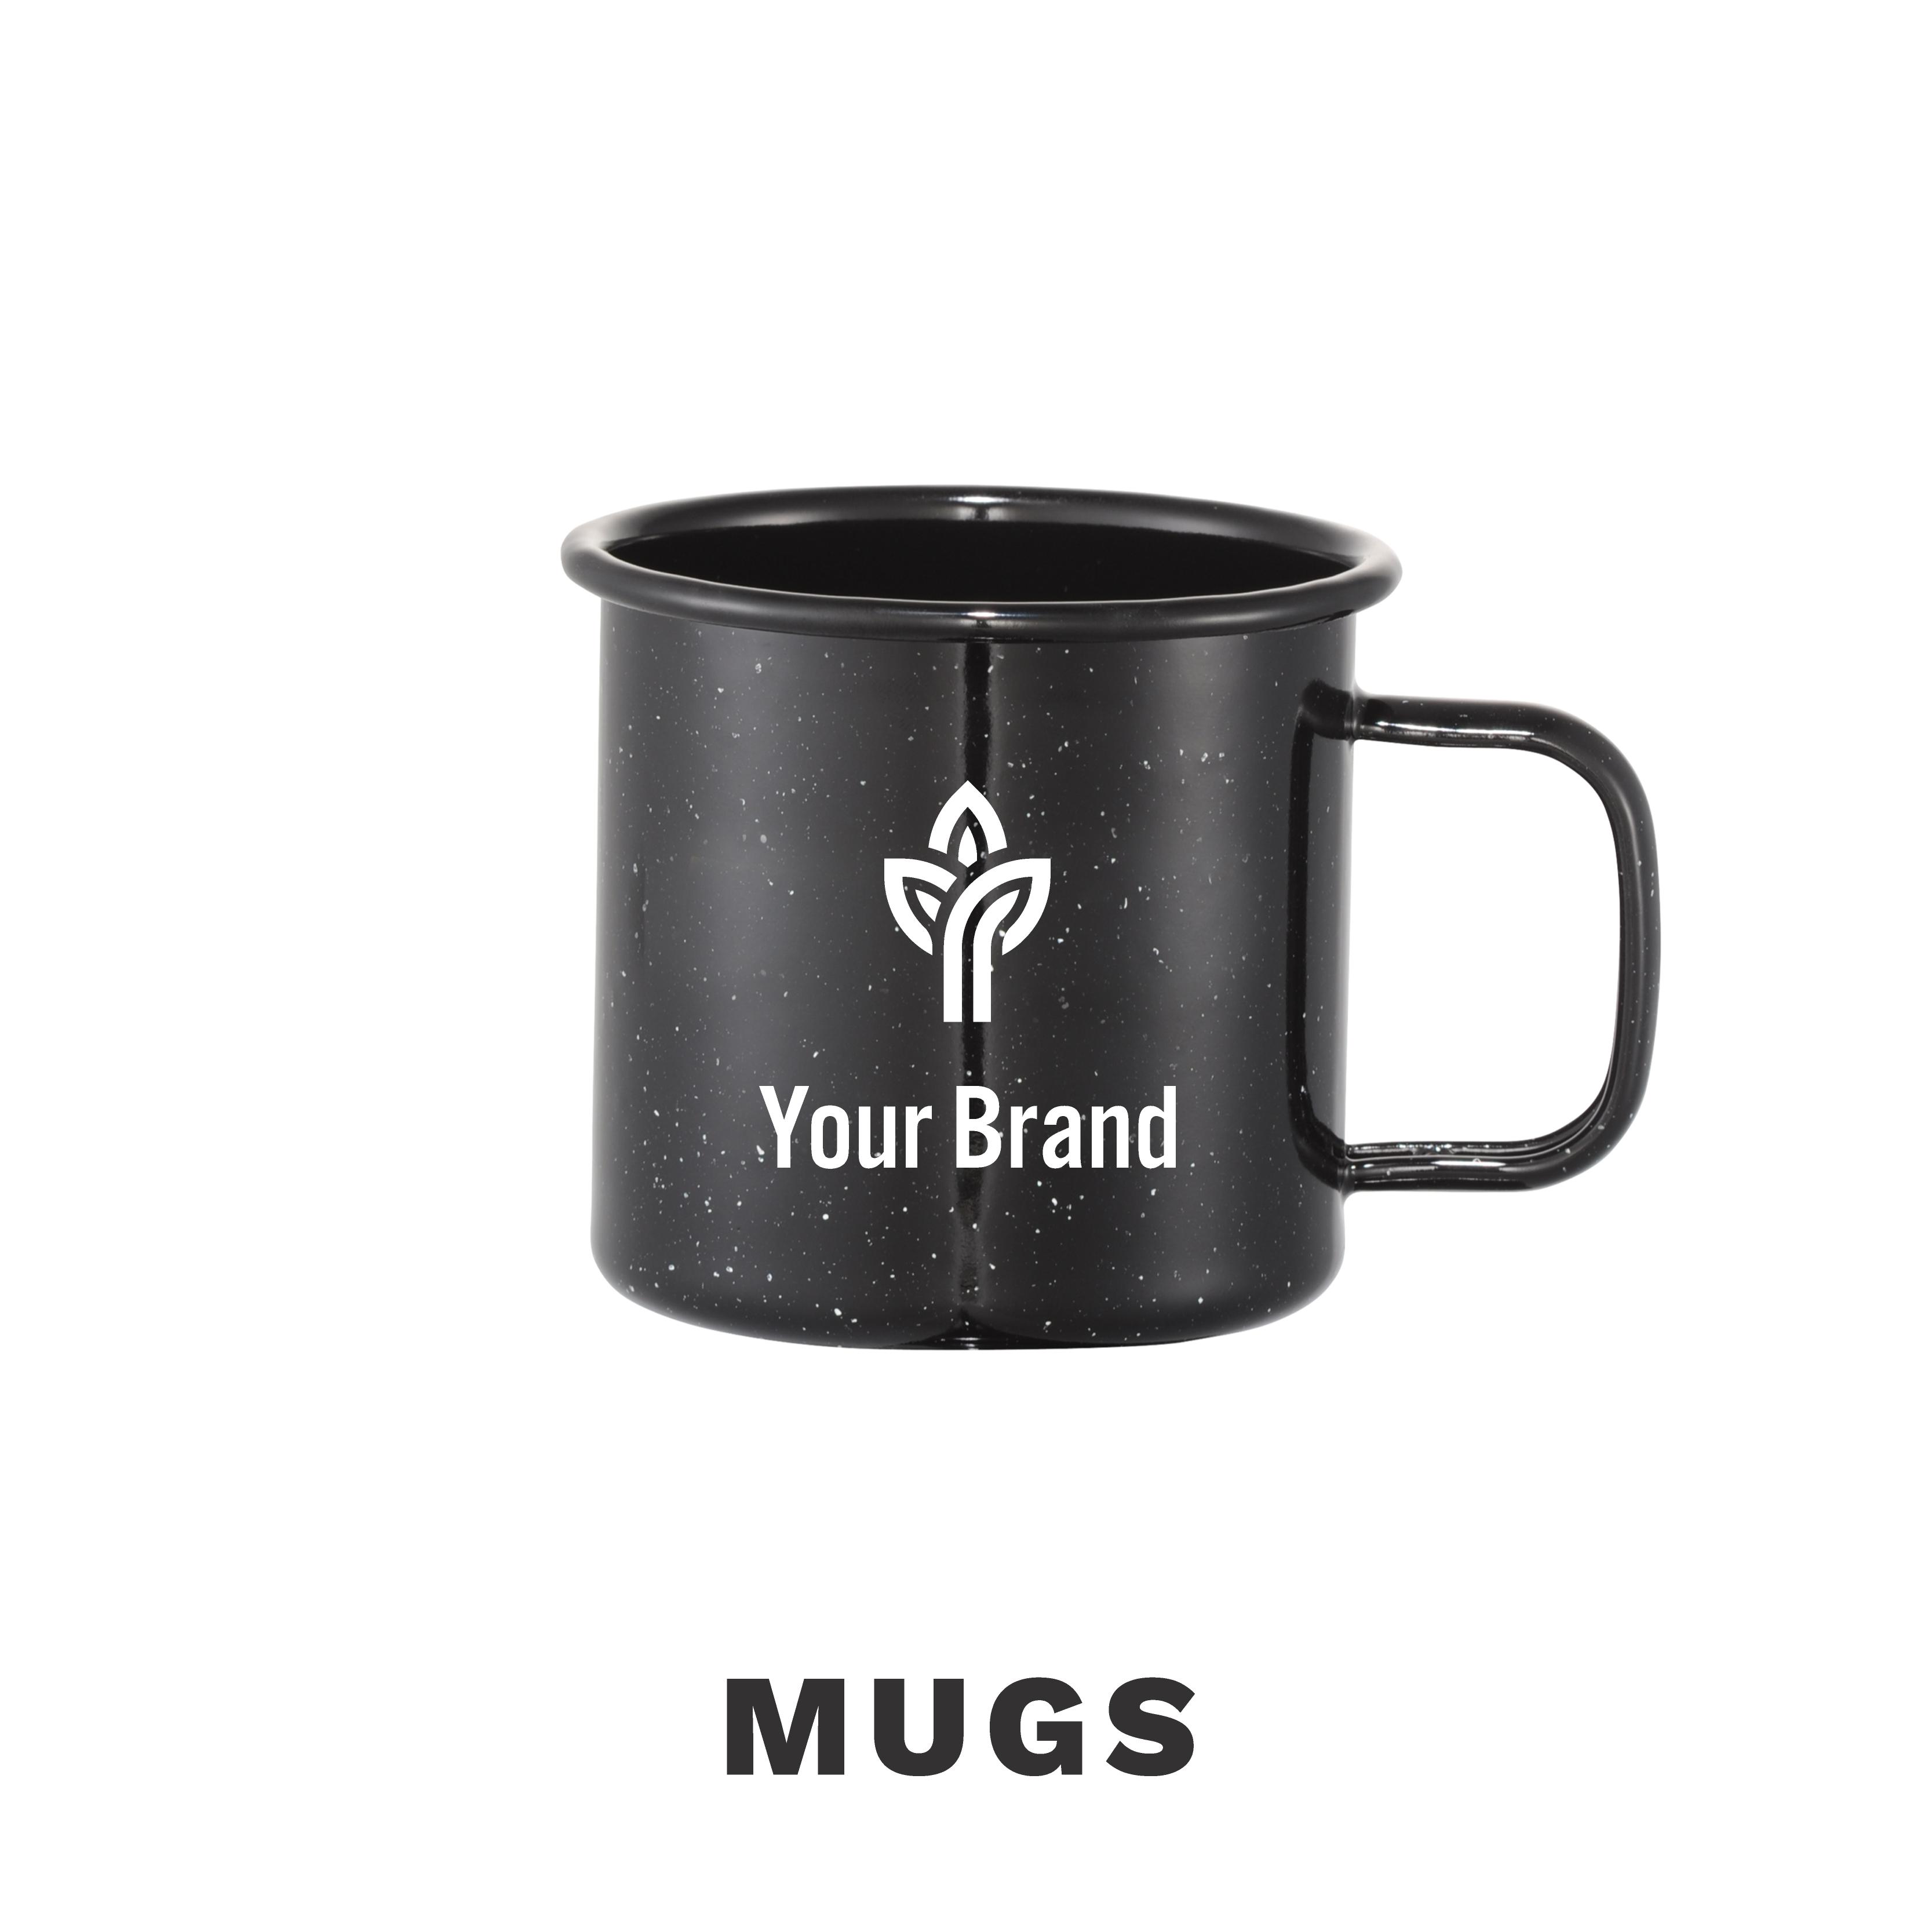 Your brand coffee mug